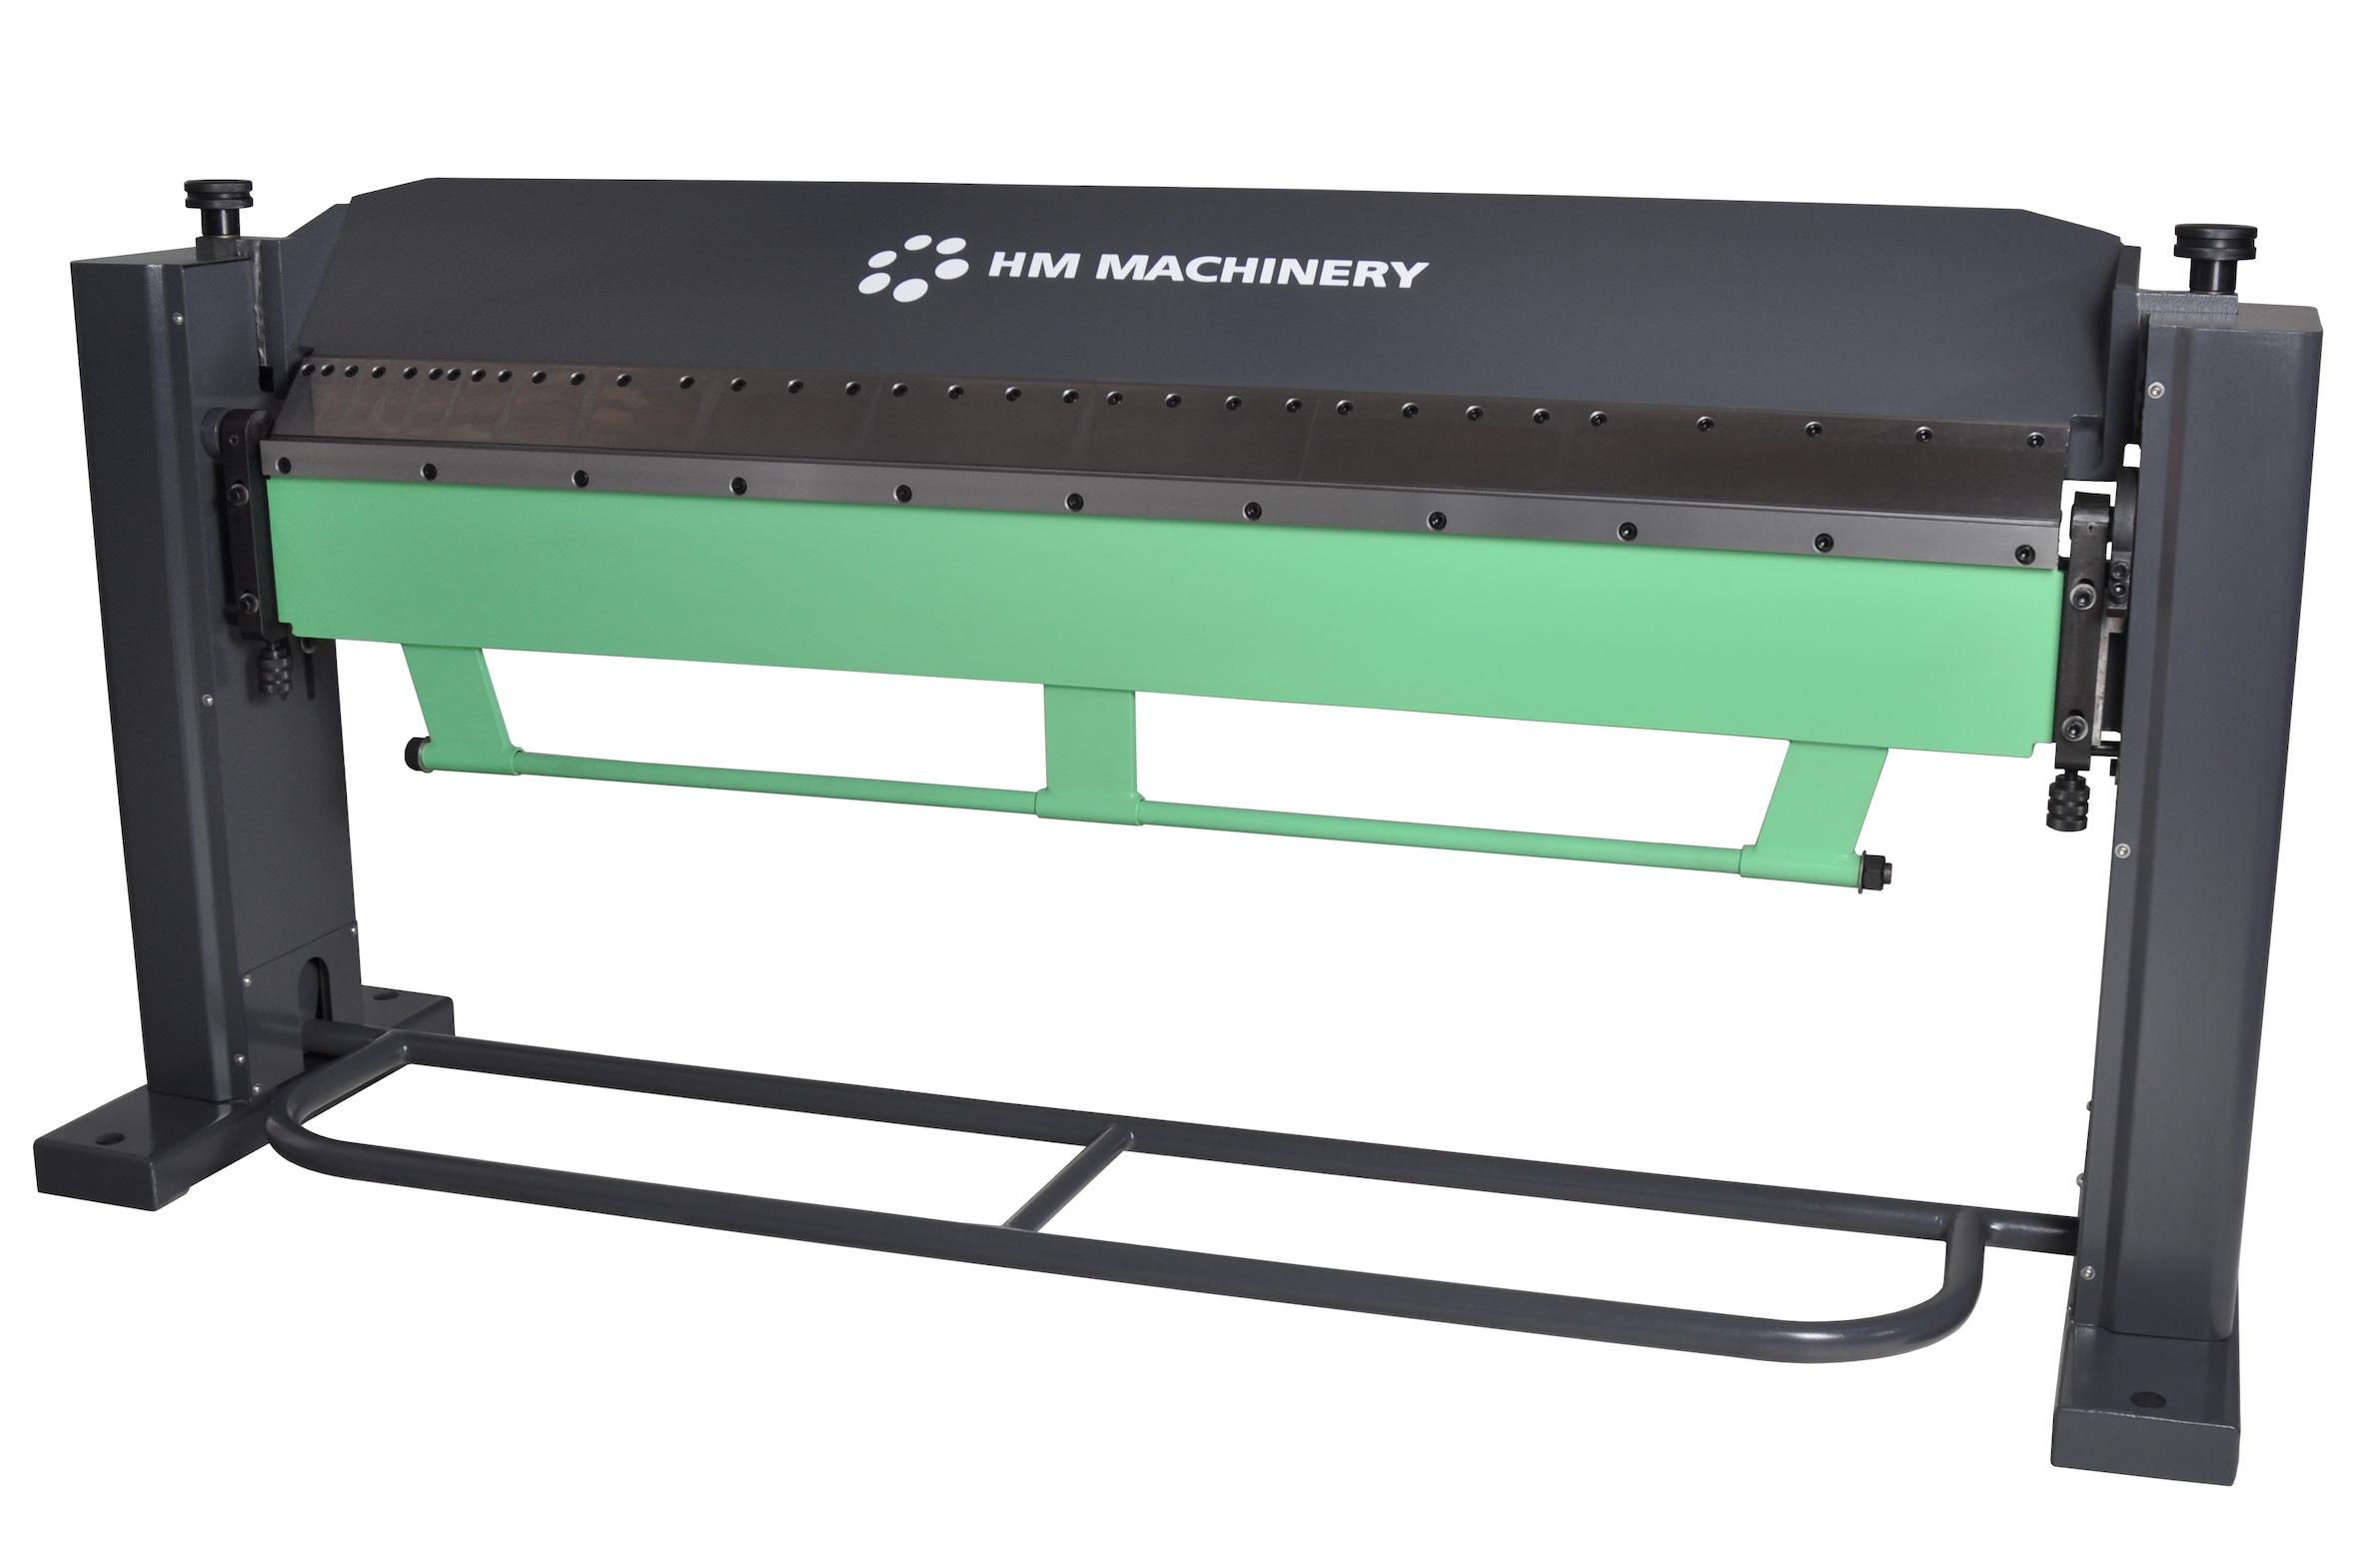 Manualna zaginarka do blachy Scantool - HM Machinery 7S, giętarka ręczna/nożna - długość robocza 2020 x 1,50mm